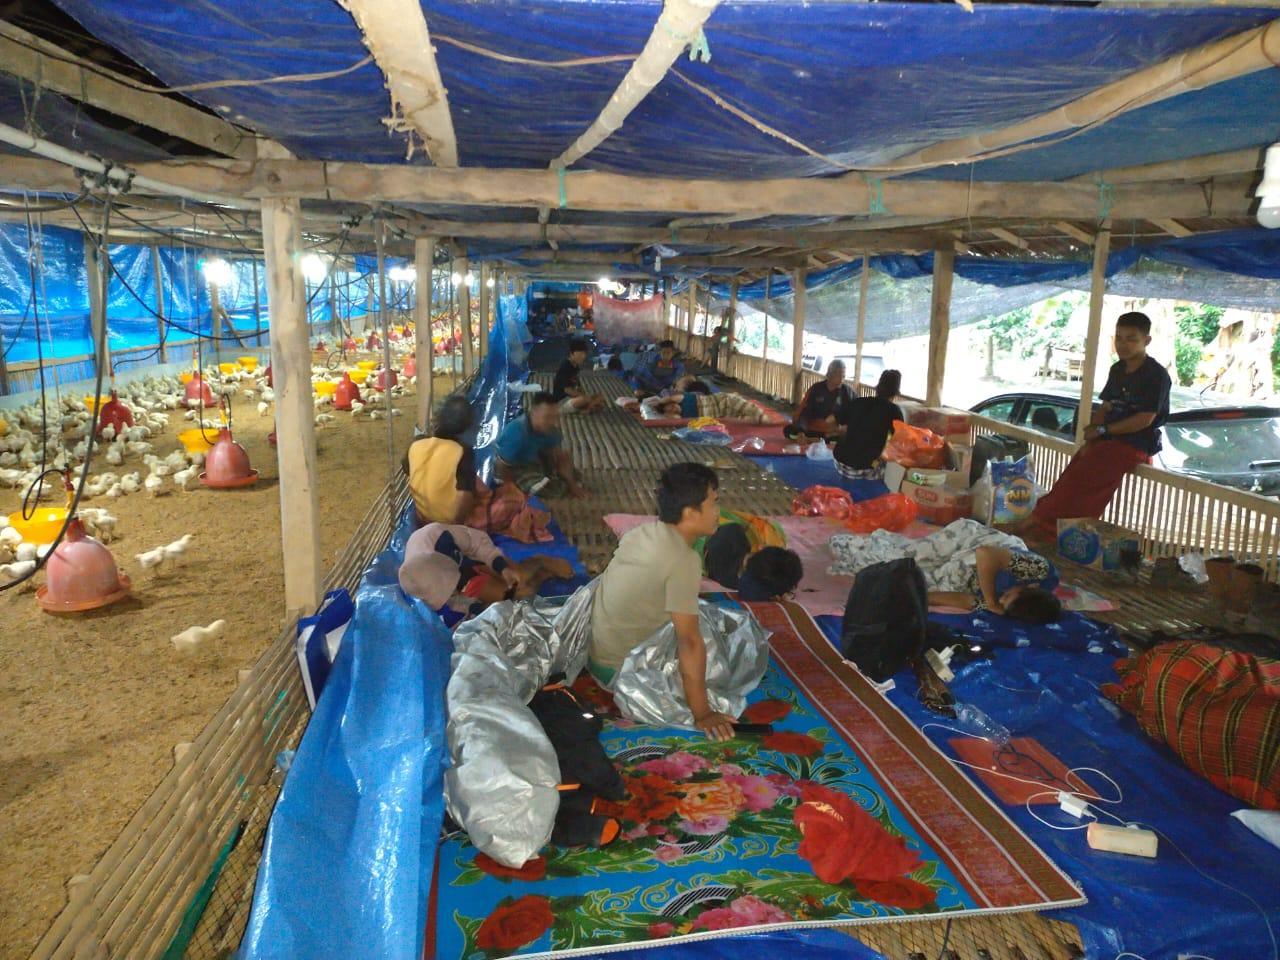 foto pengungsi di kandang ayam